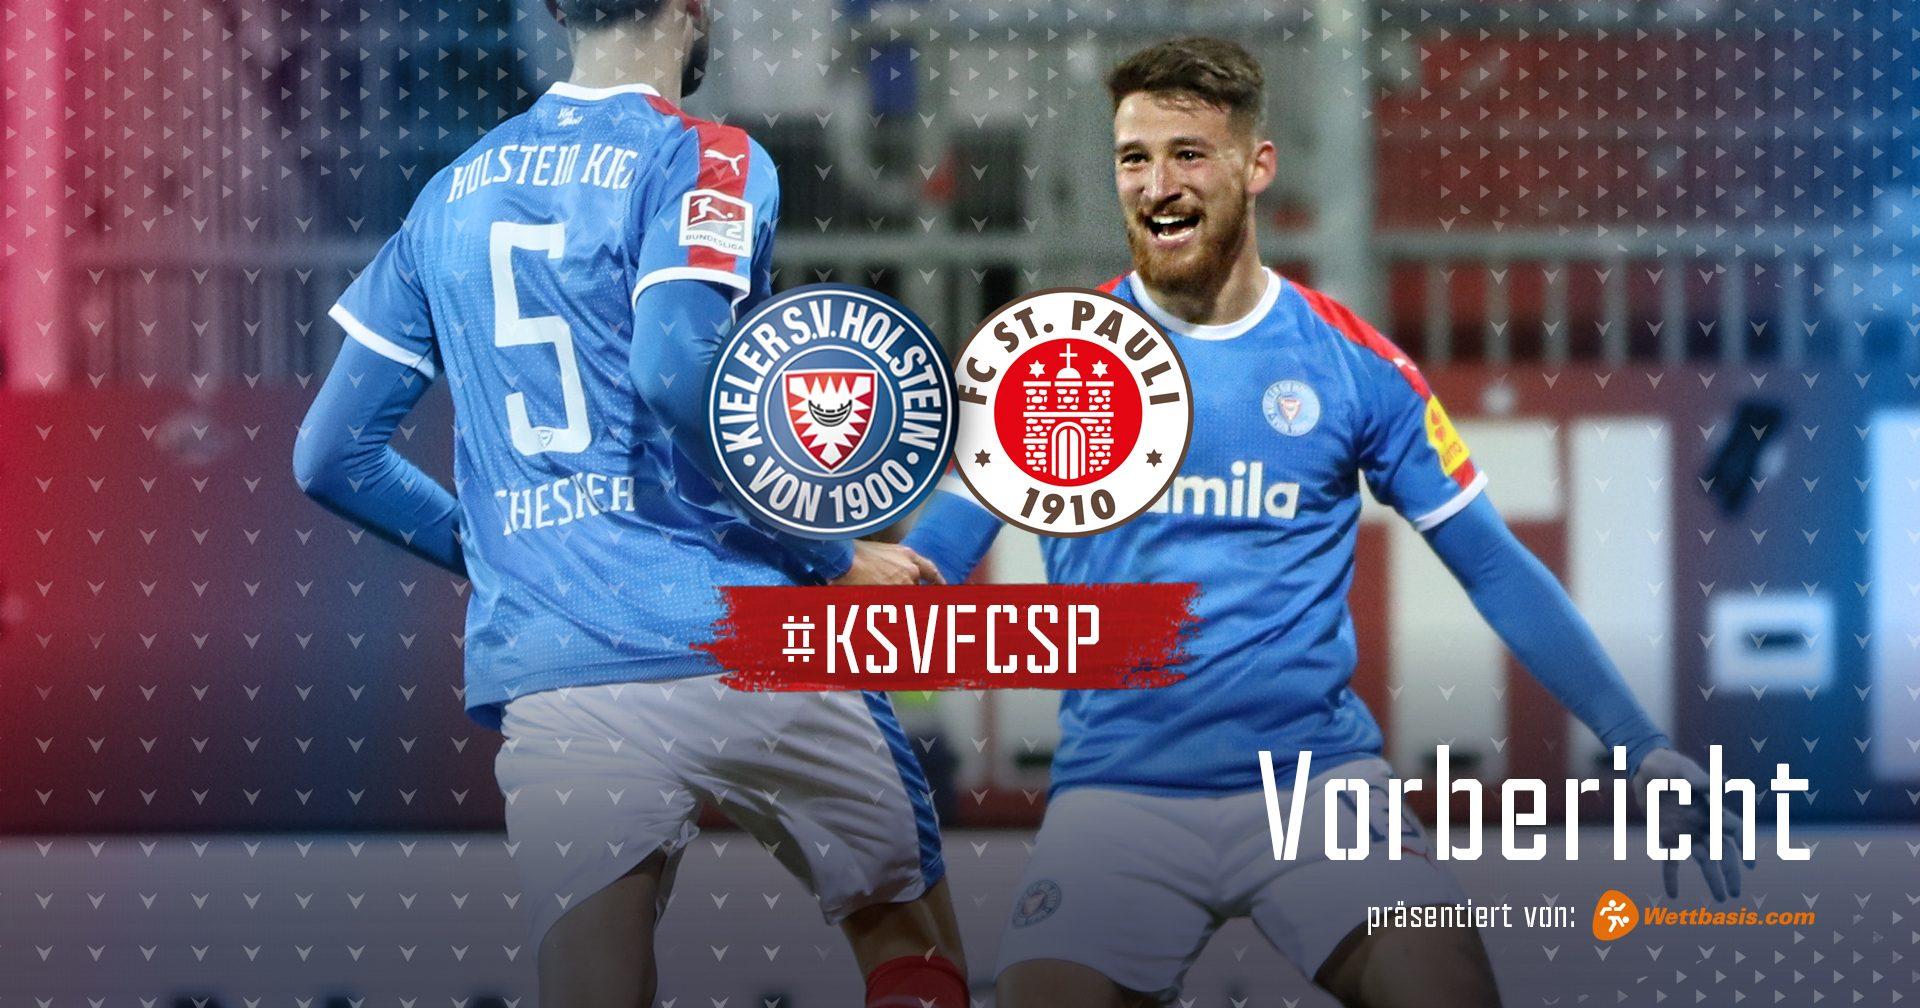 Vorbericht_KSVFCSP